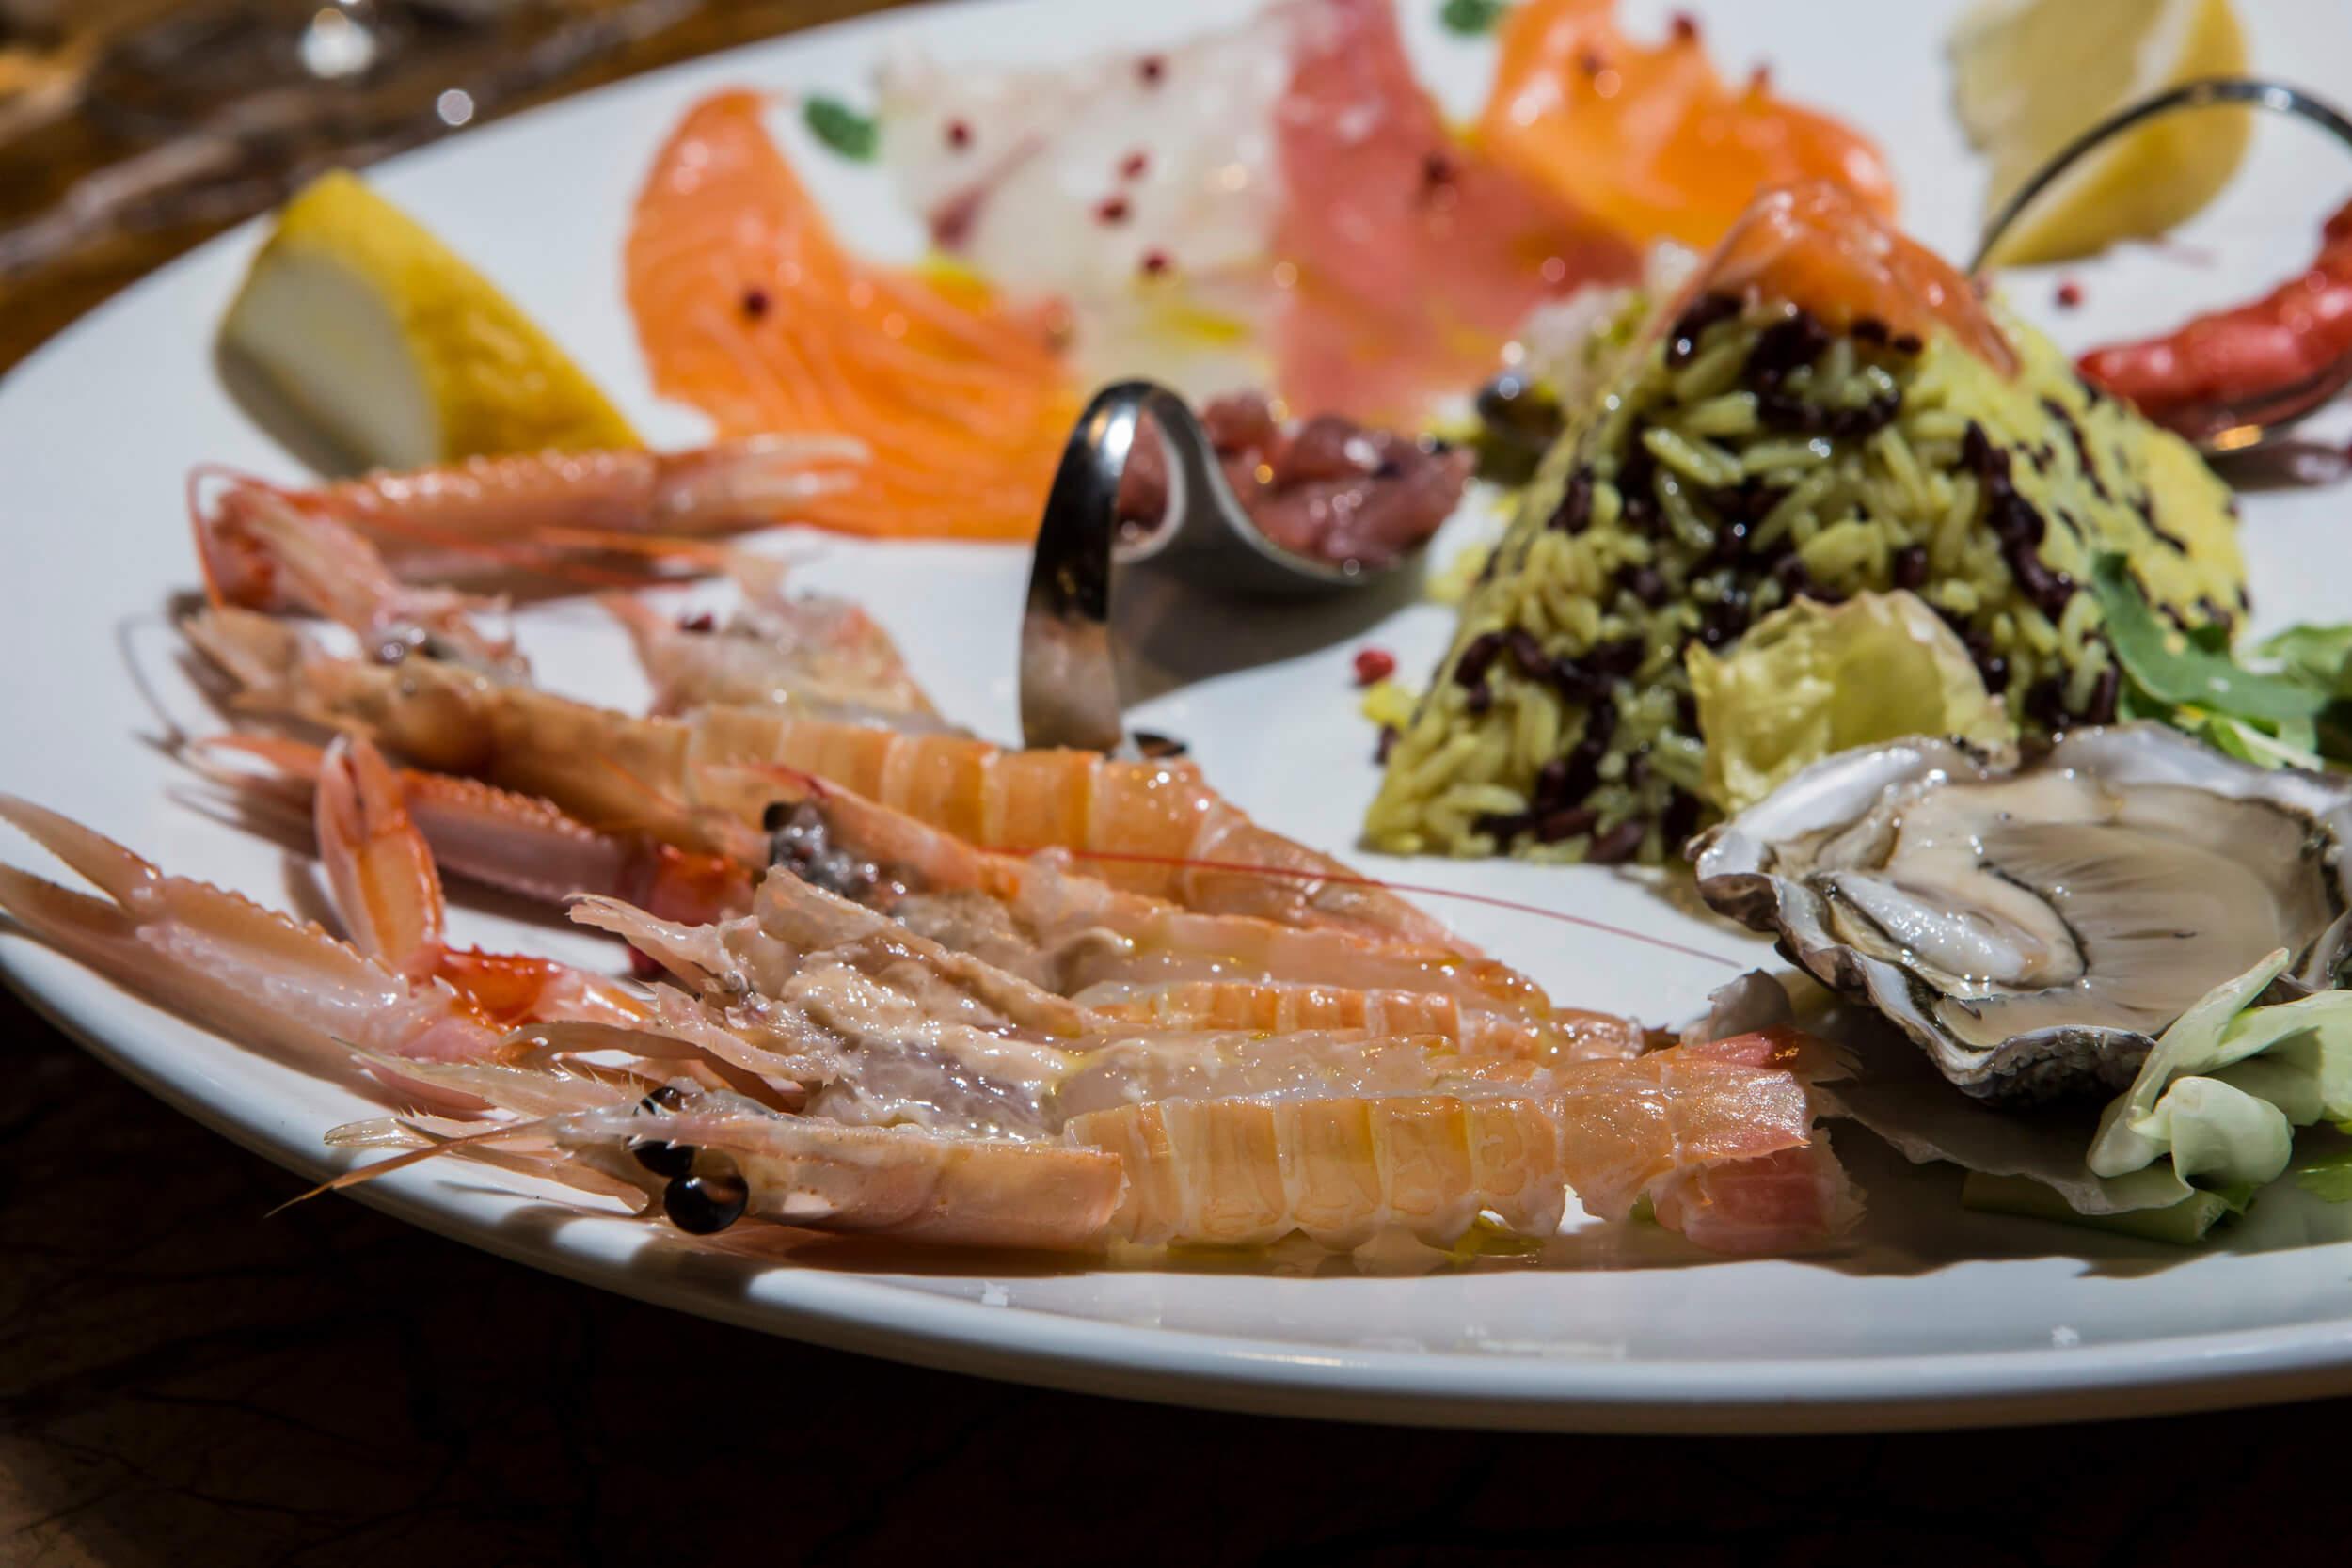 Ristorante di pesce Le Vele Roma frutti di mare freschissimi